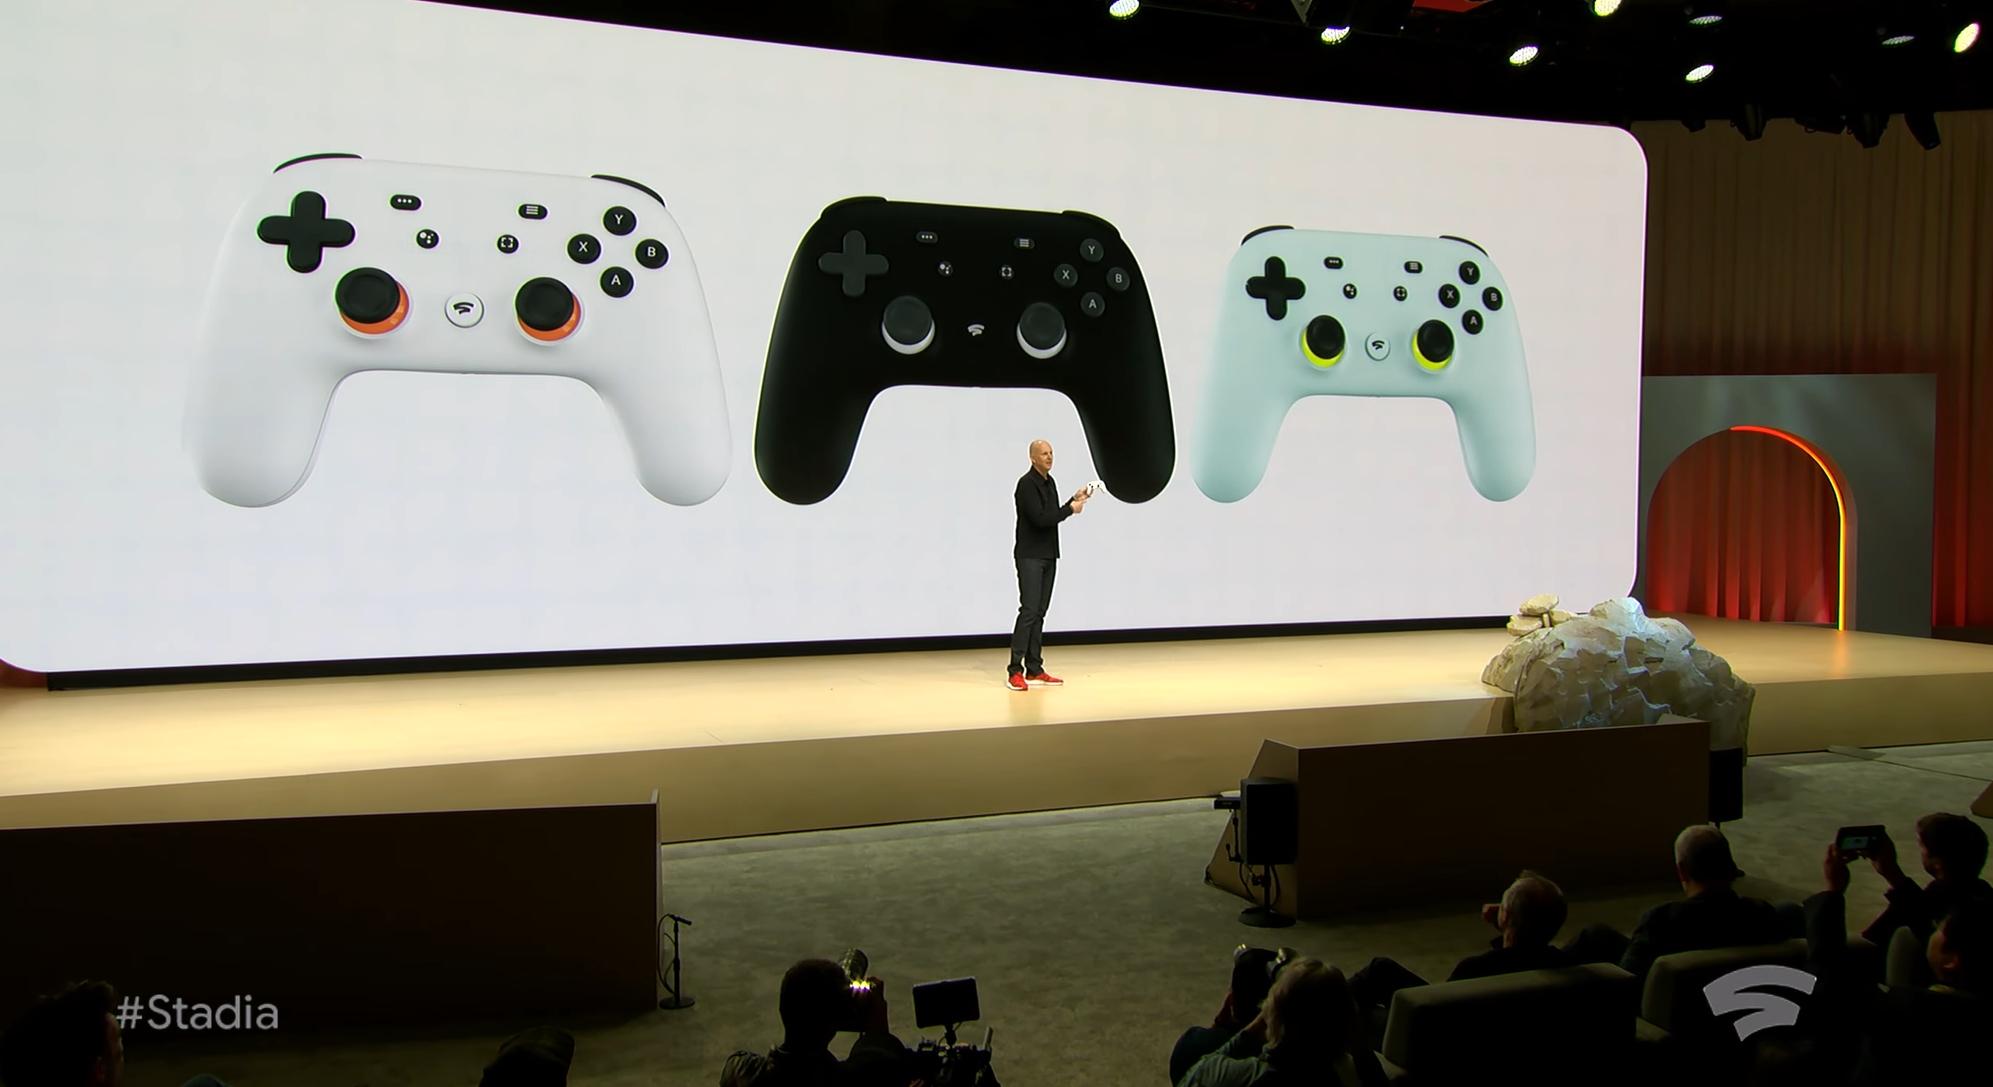 Stadia-kontrolleren kobler seg direkte til Googles spill-tjeneste, Stadia. via WiFi.